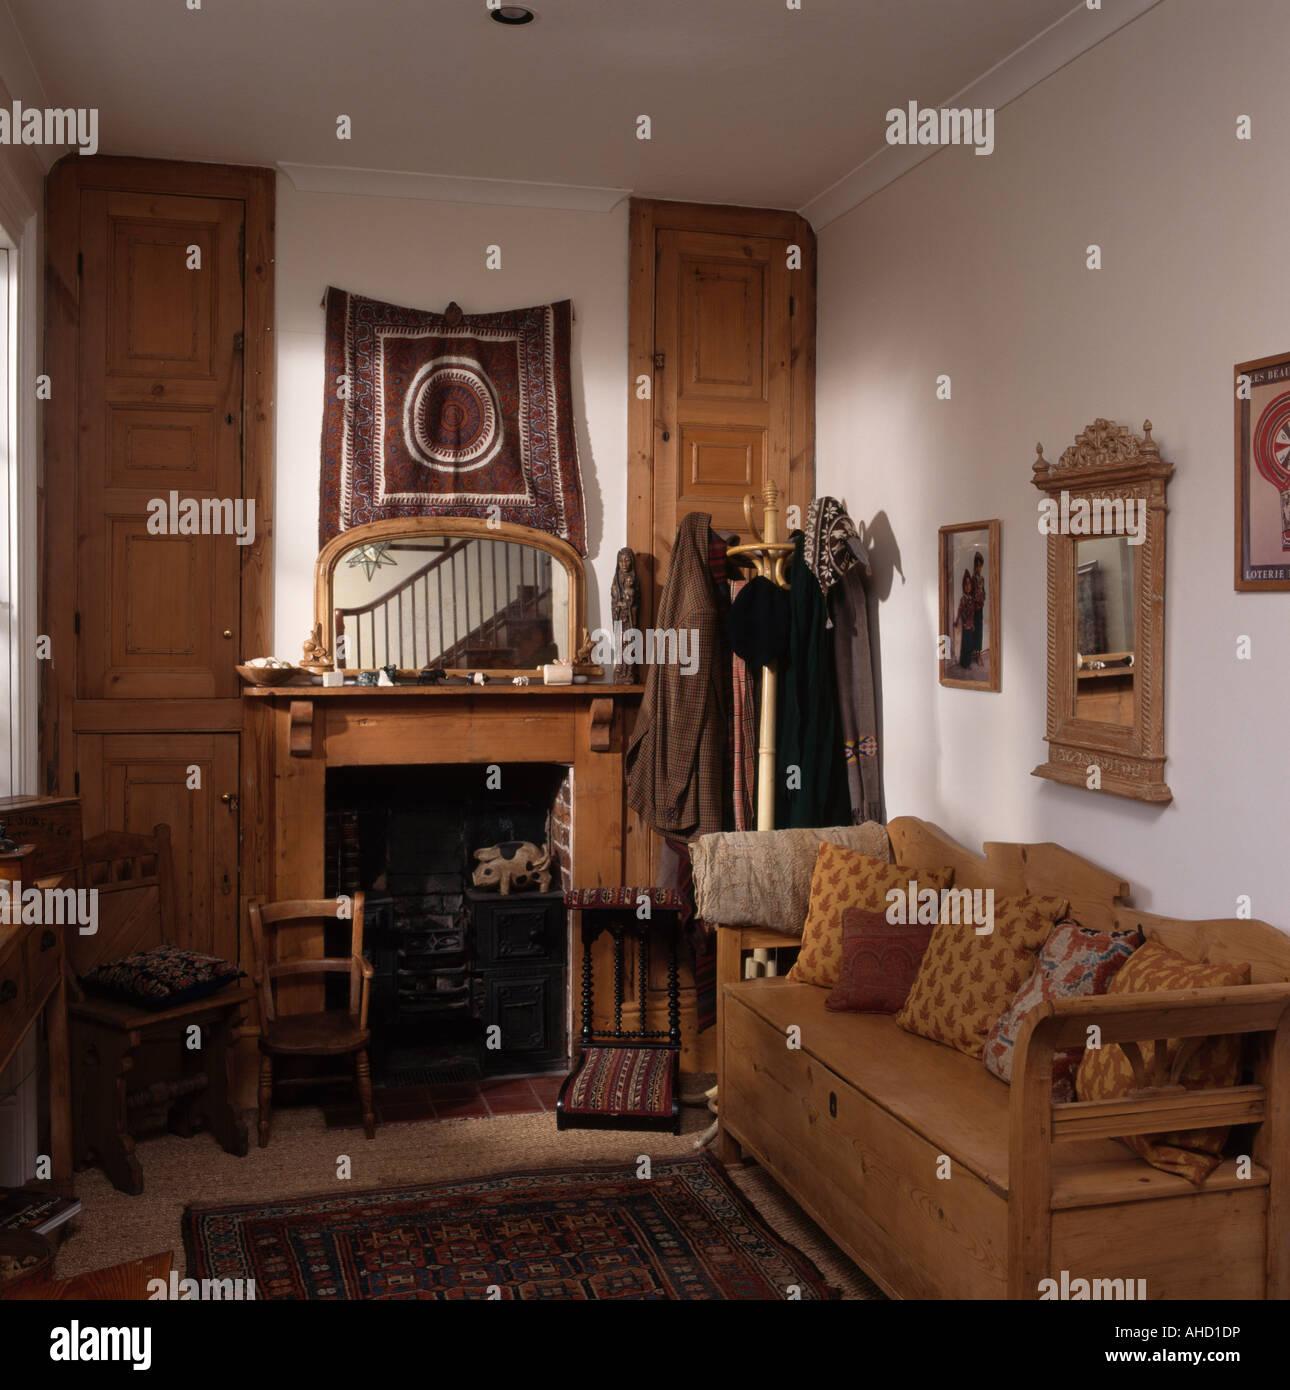 Antik Kiefer Siedeln Sich Im Kleinen Wohnzimmer Mit Spiegel Uber Dem